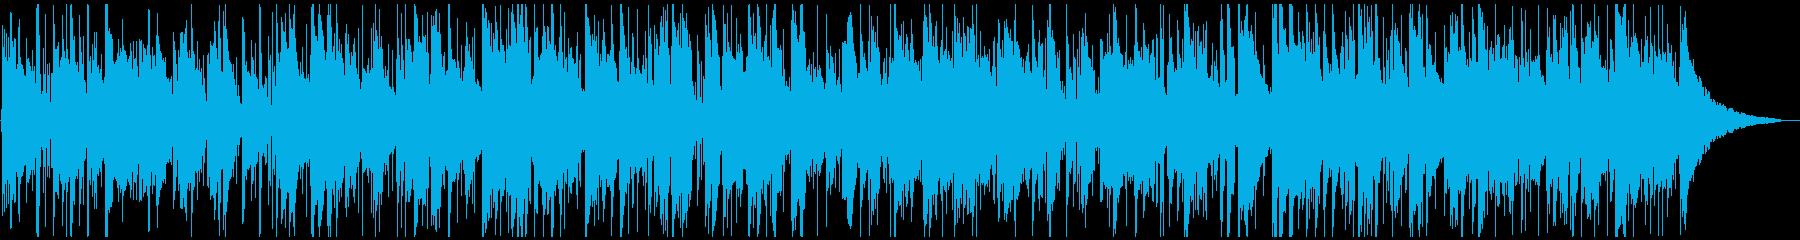 パーティーの席の静かなBGMの再生済みの波形